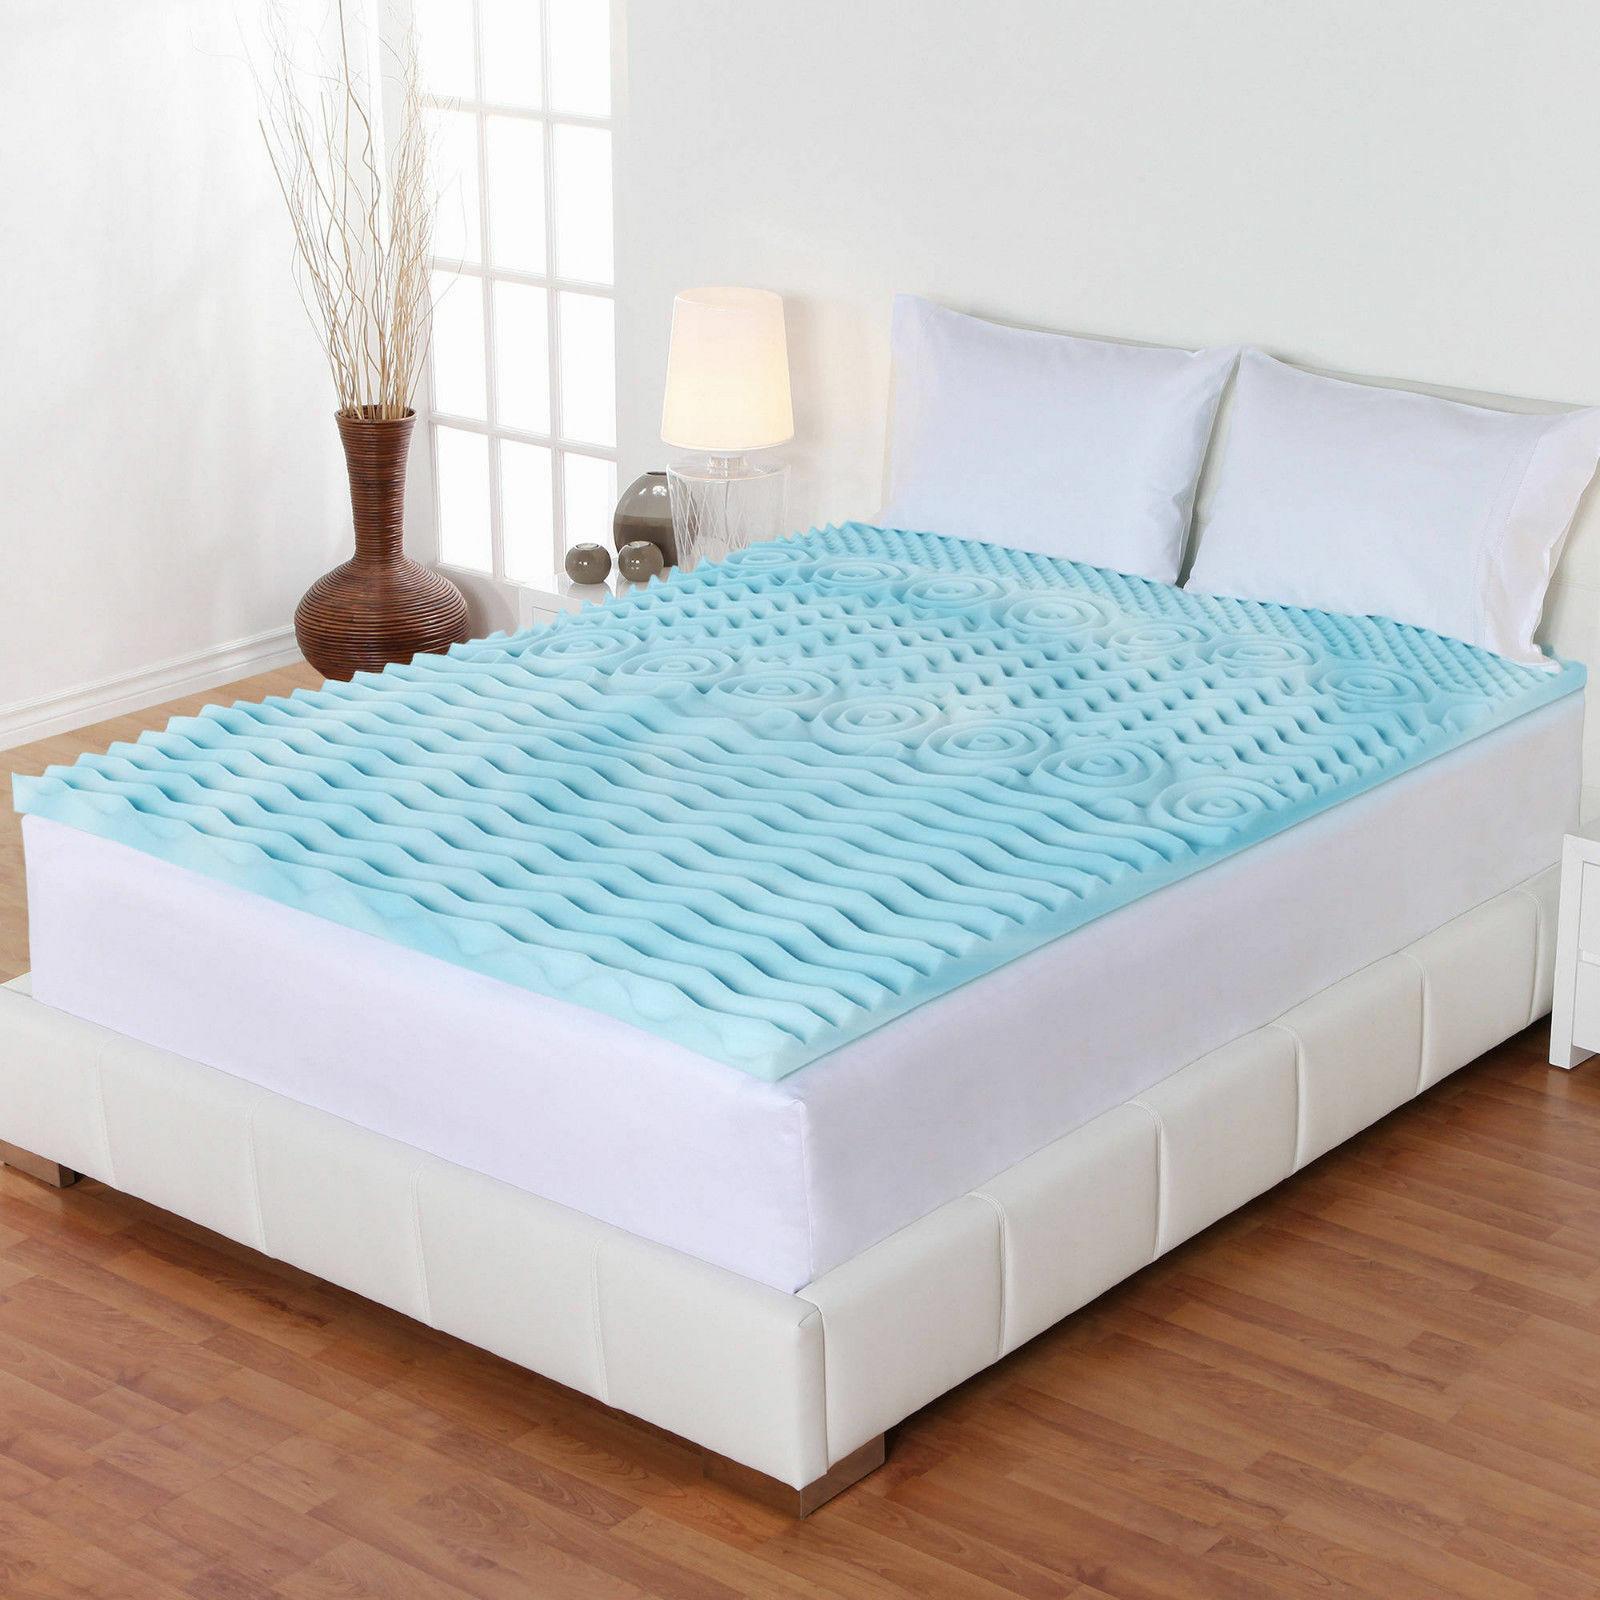 2 Inch Cooling Gel Foam Mattress Pad Bed Orthopedic